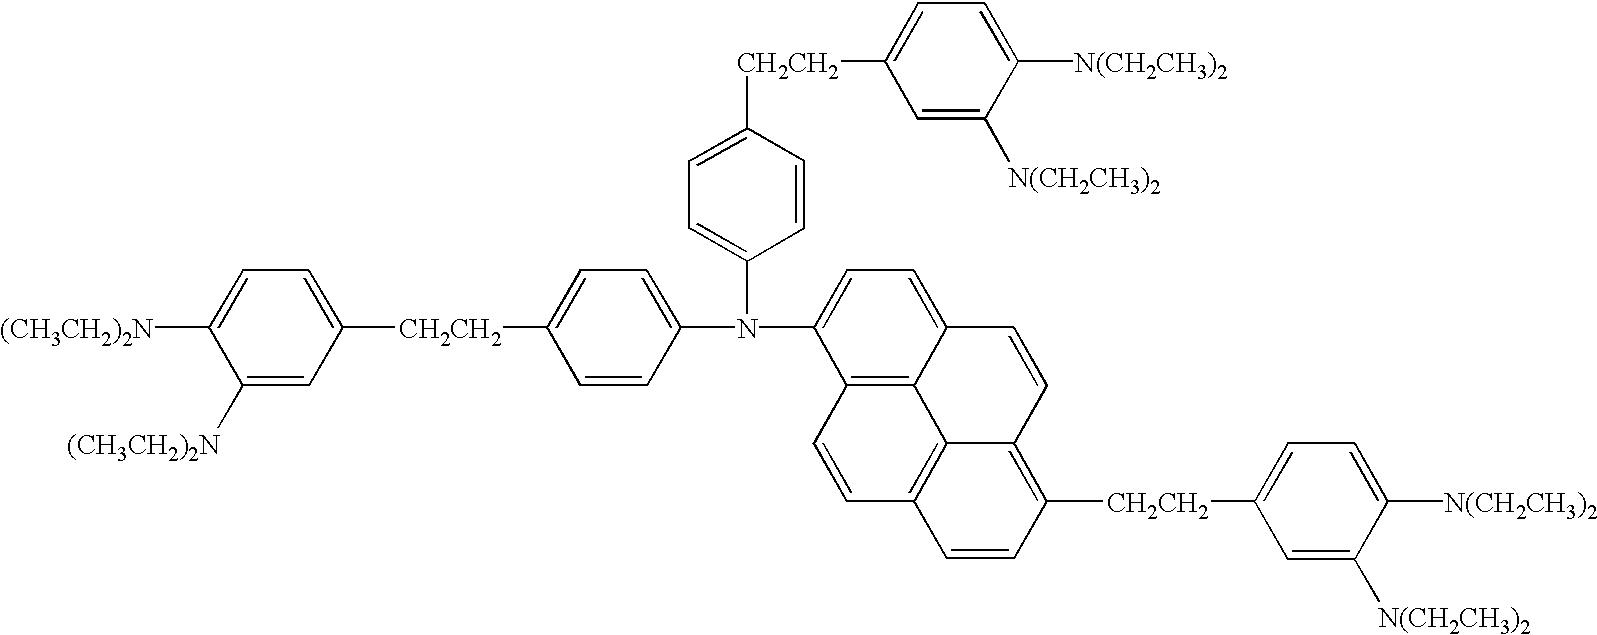 Figure US20030194627A1-20031016-C00124